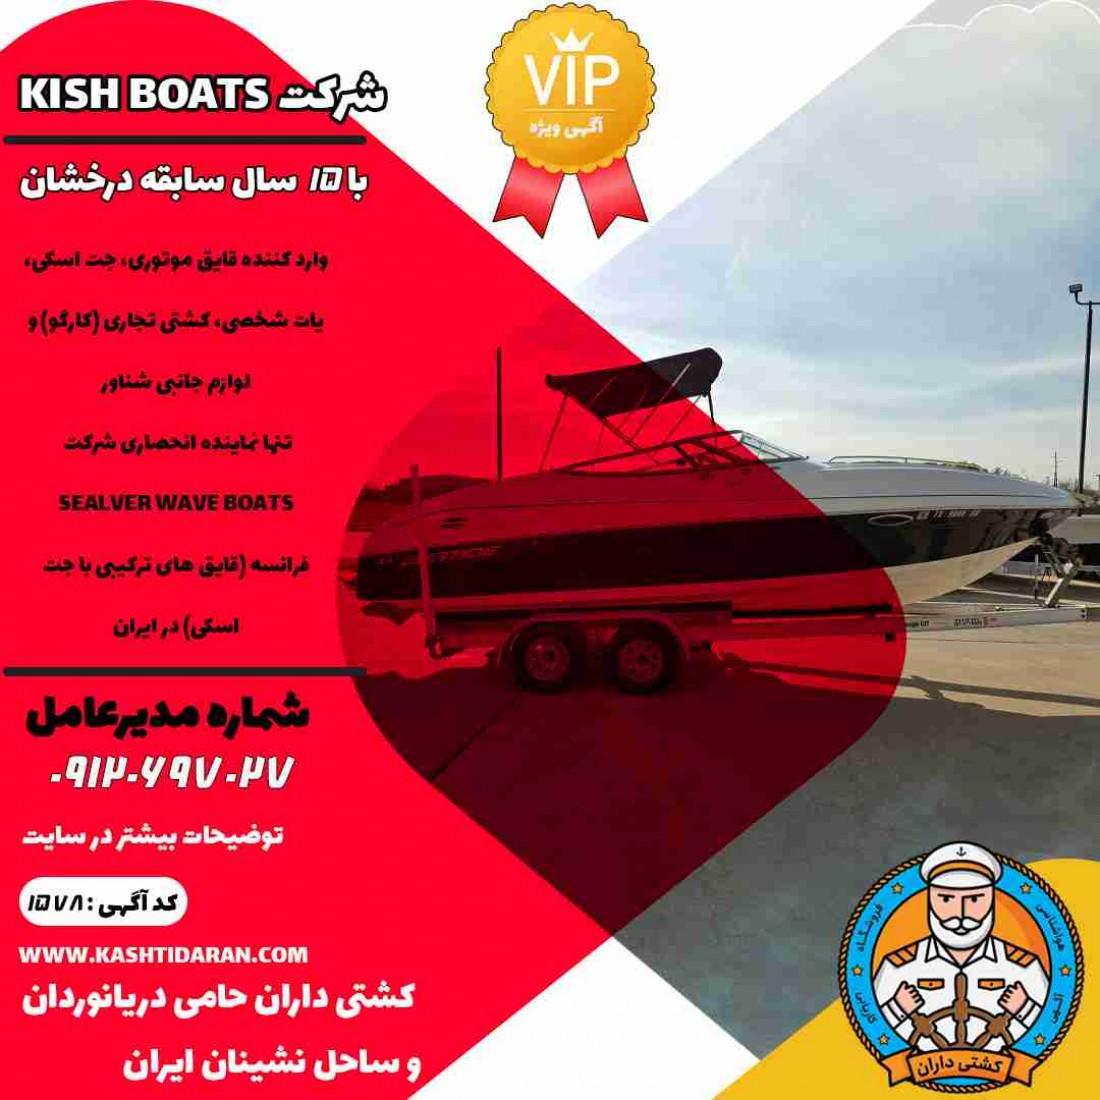 شرکت Kish Boats  وارد کننده انواع قایق